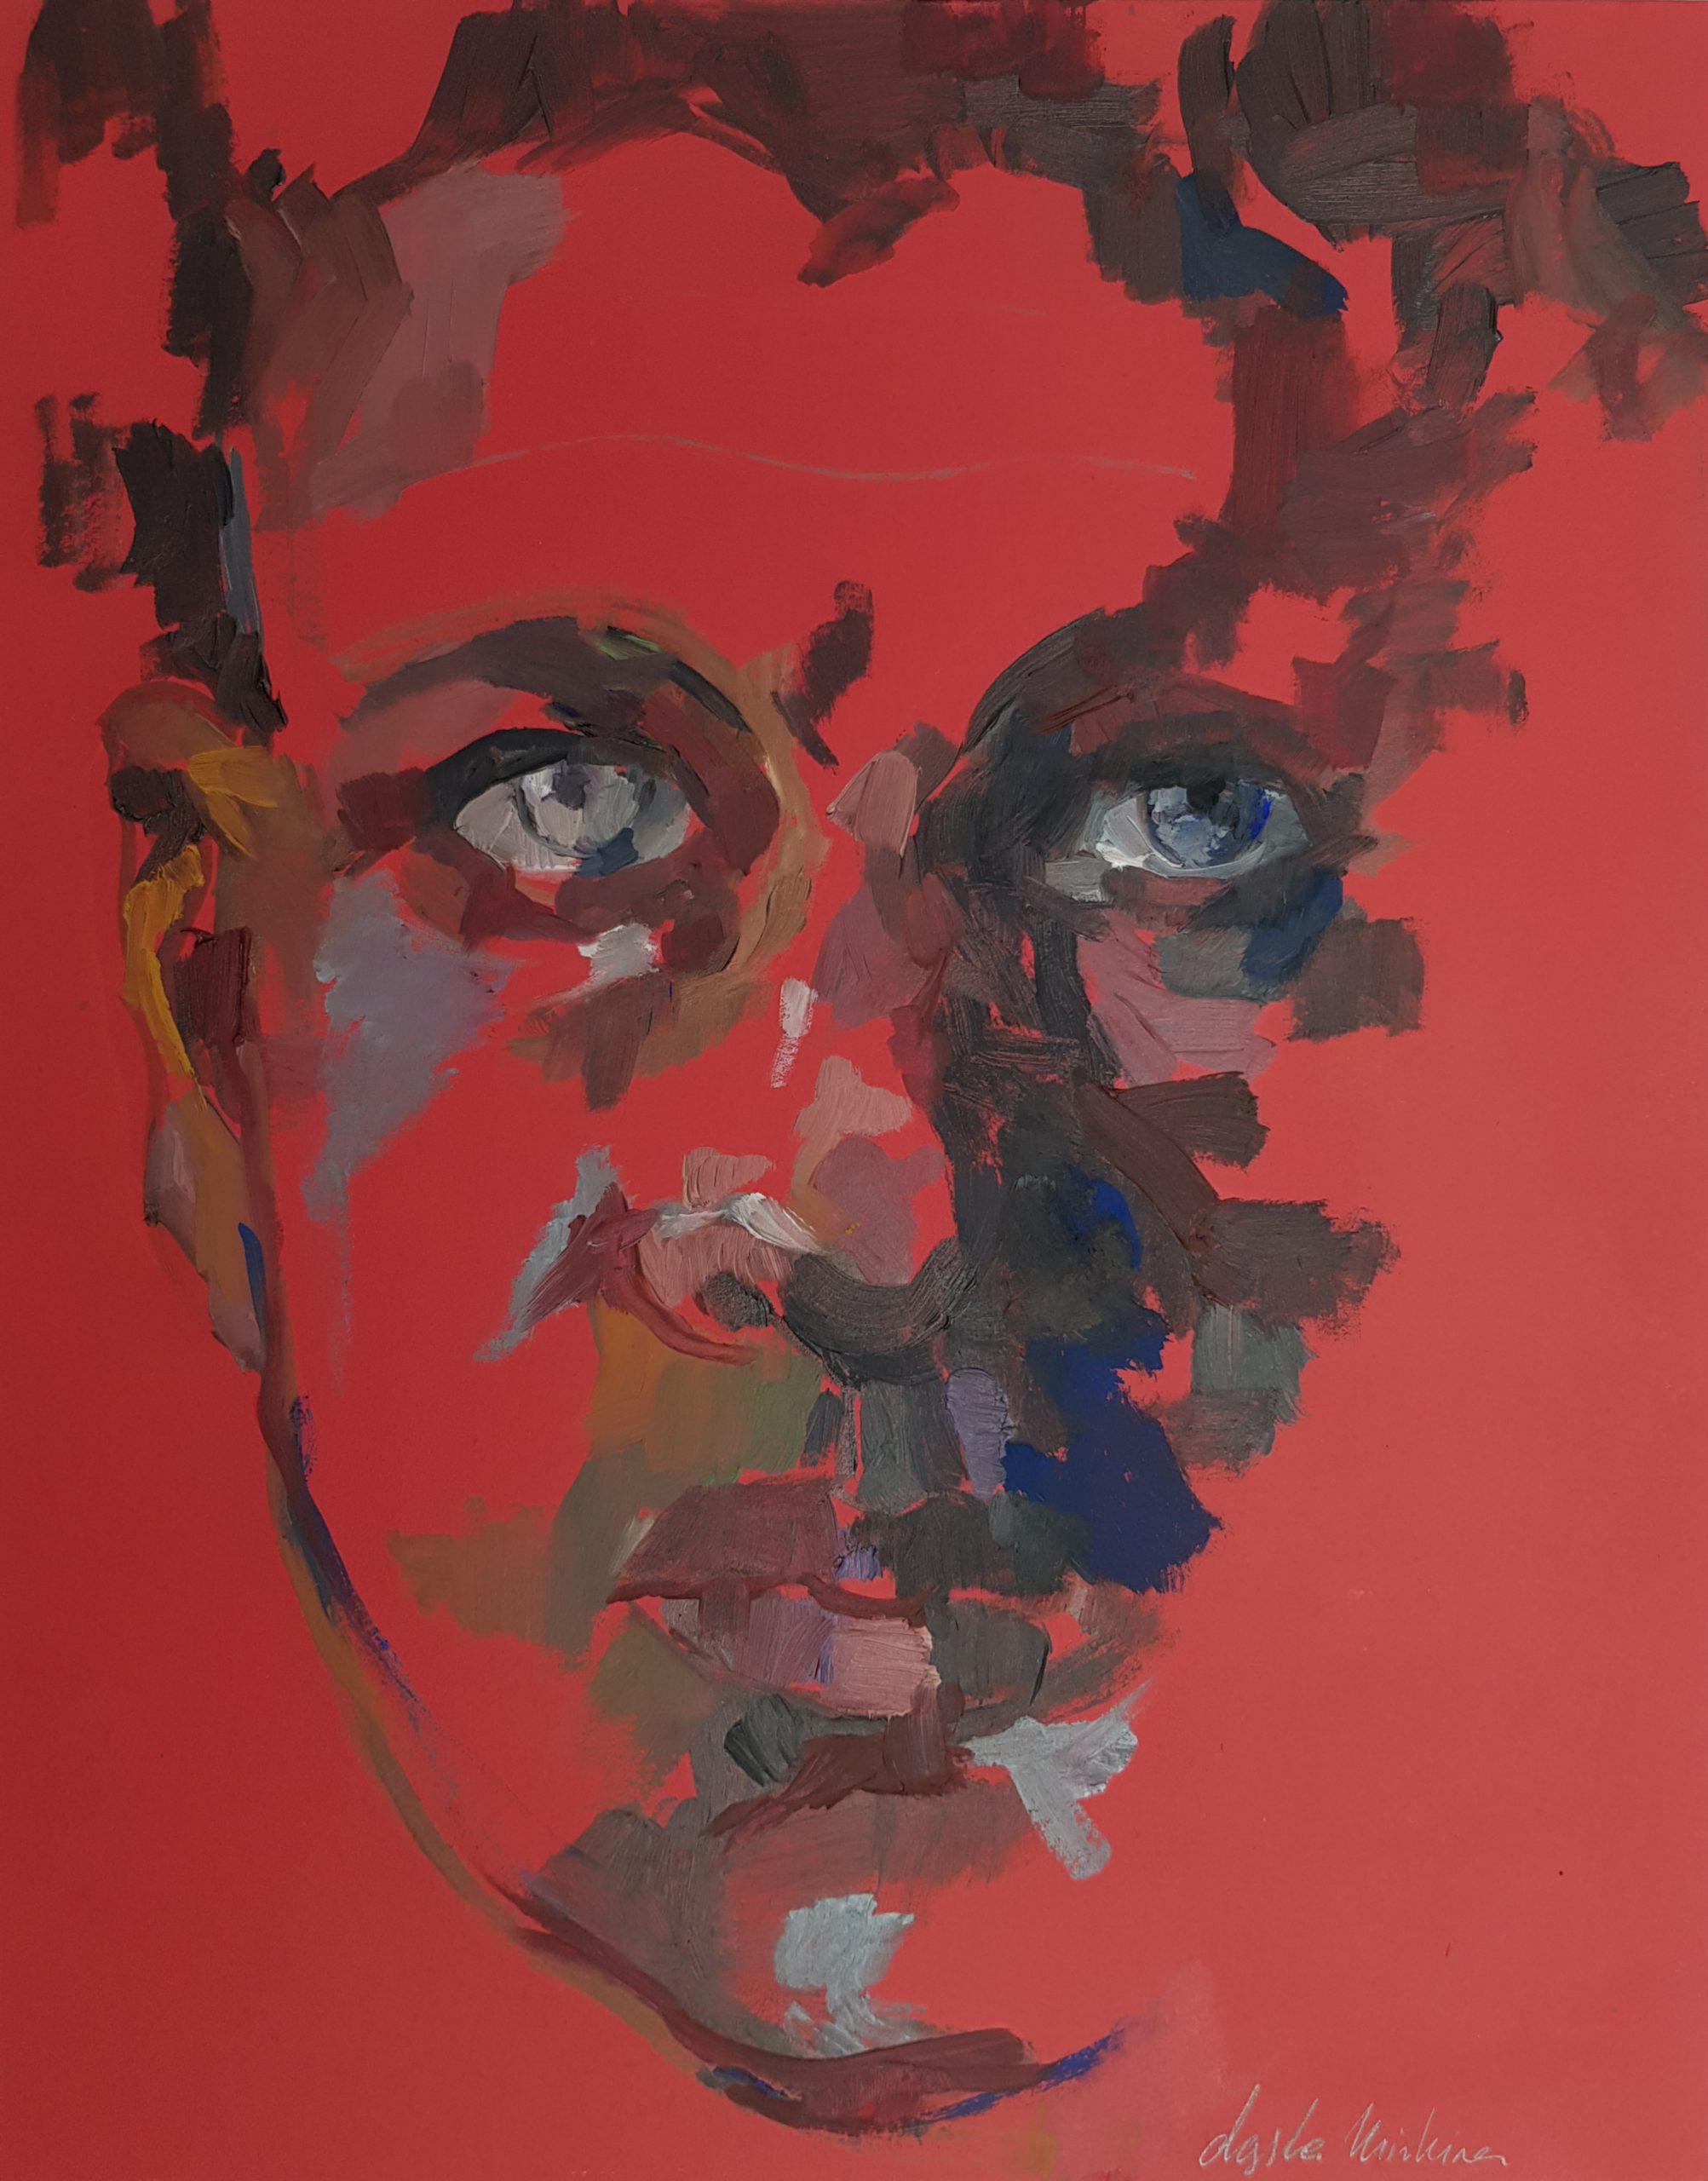 """dasha minkina – """"Blue eyes on red"""""""